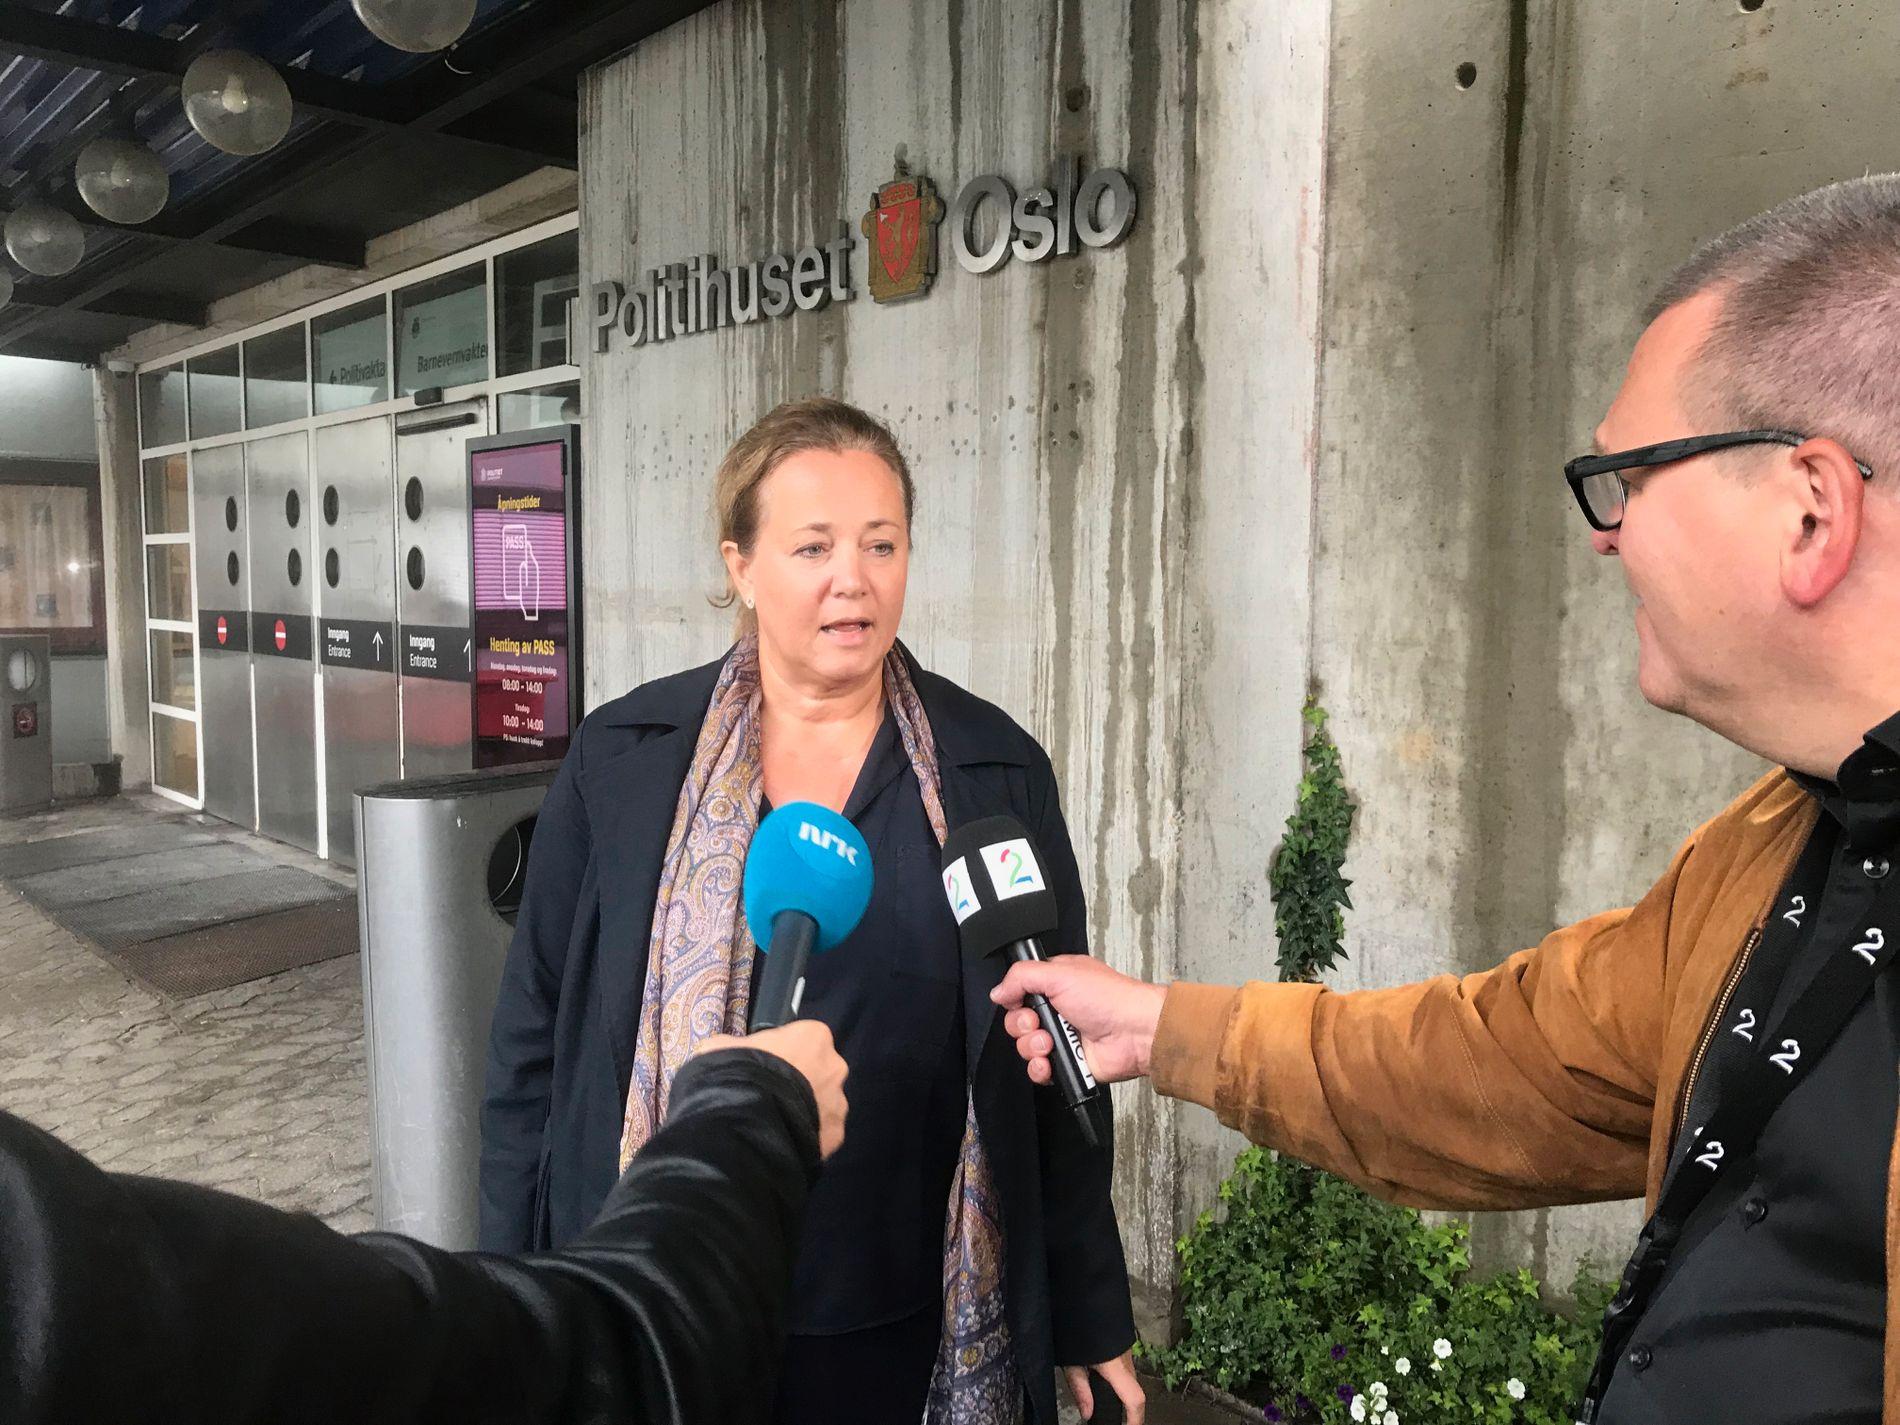 FERDIG I AVHØR: Philip Manshaus' forsvarer Unni Fries utenfor politihuset i Oslo etter at avhøret ble avsluttet lørdag.